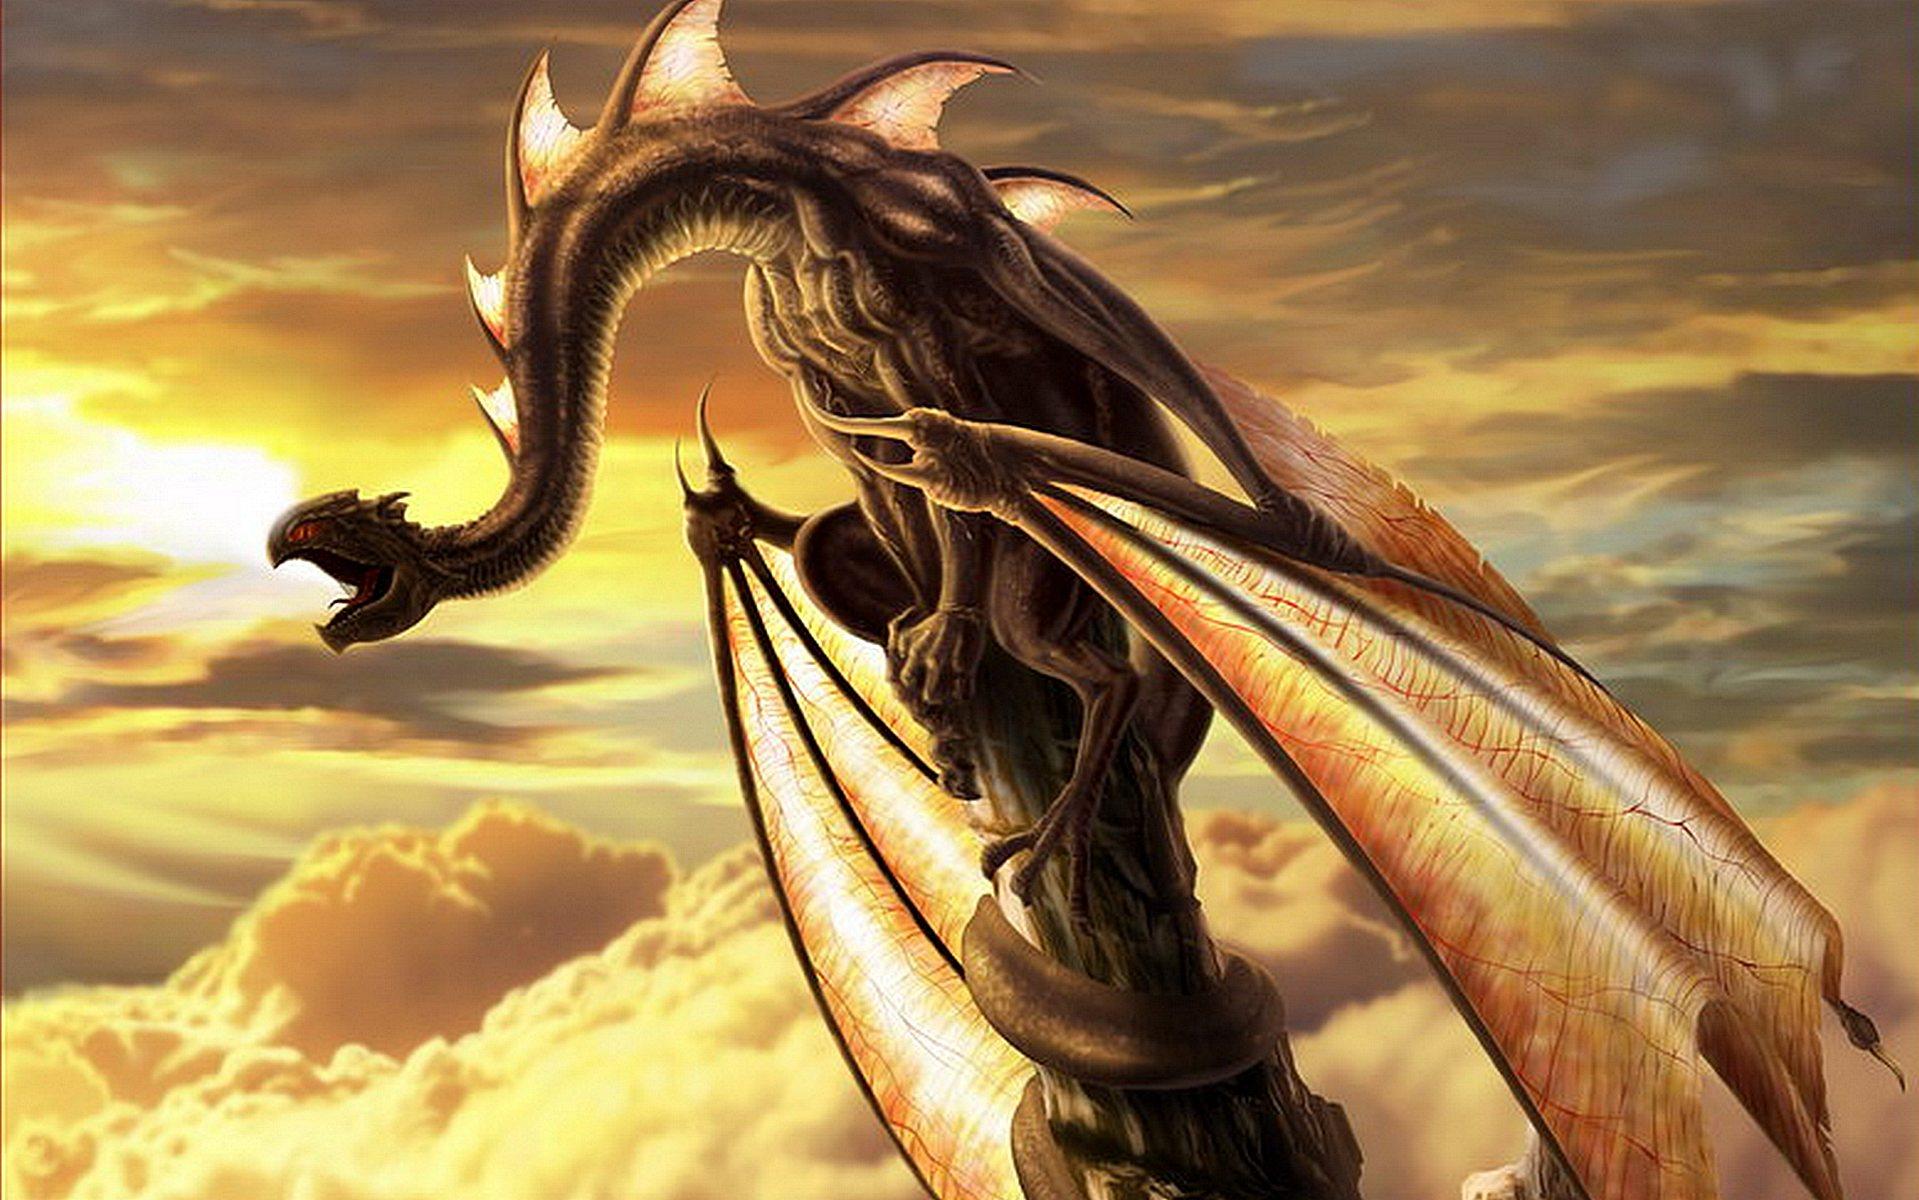 Картинка с тремя драконами